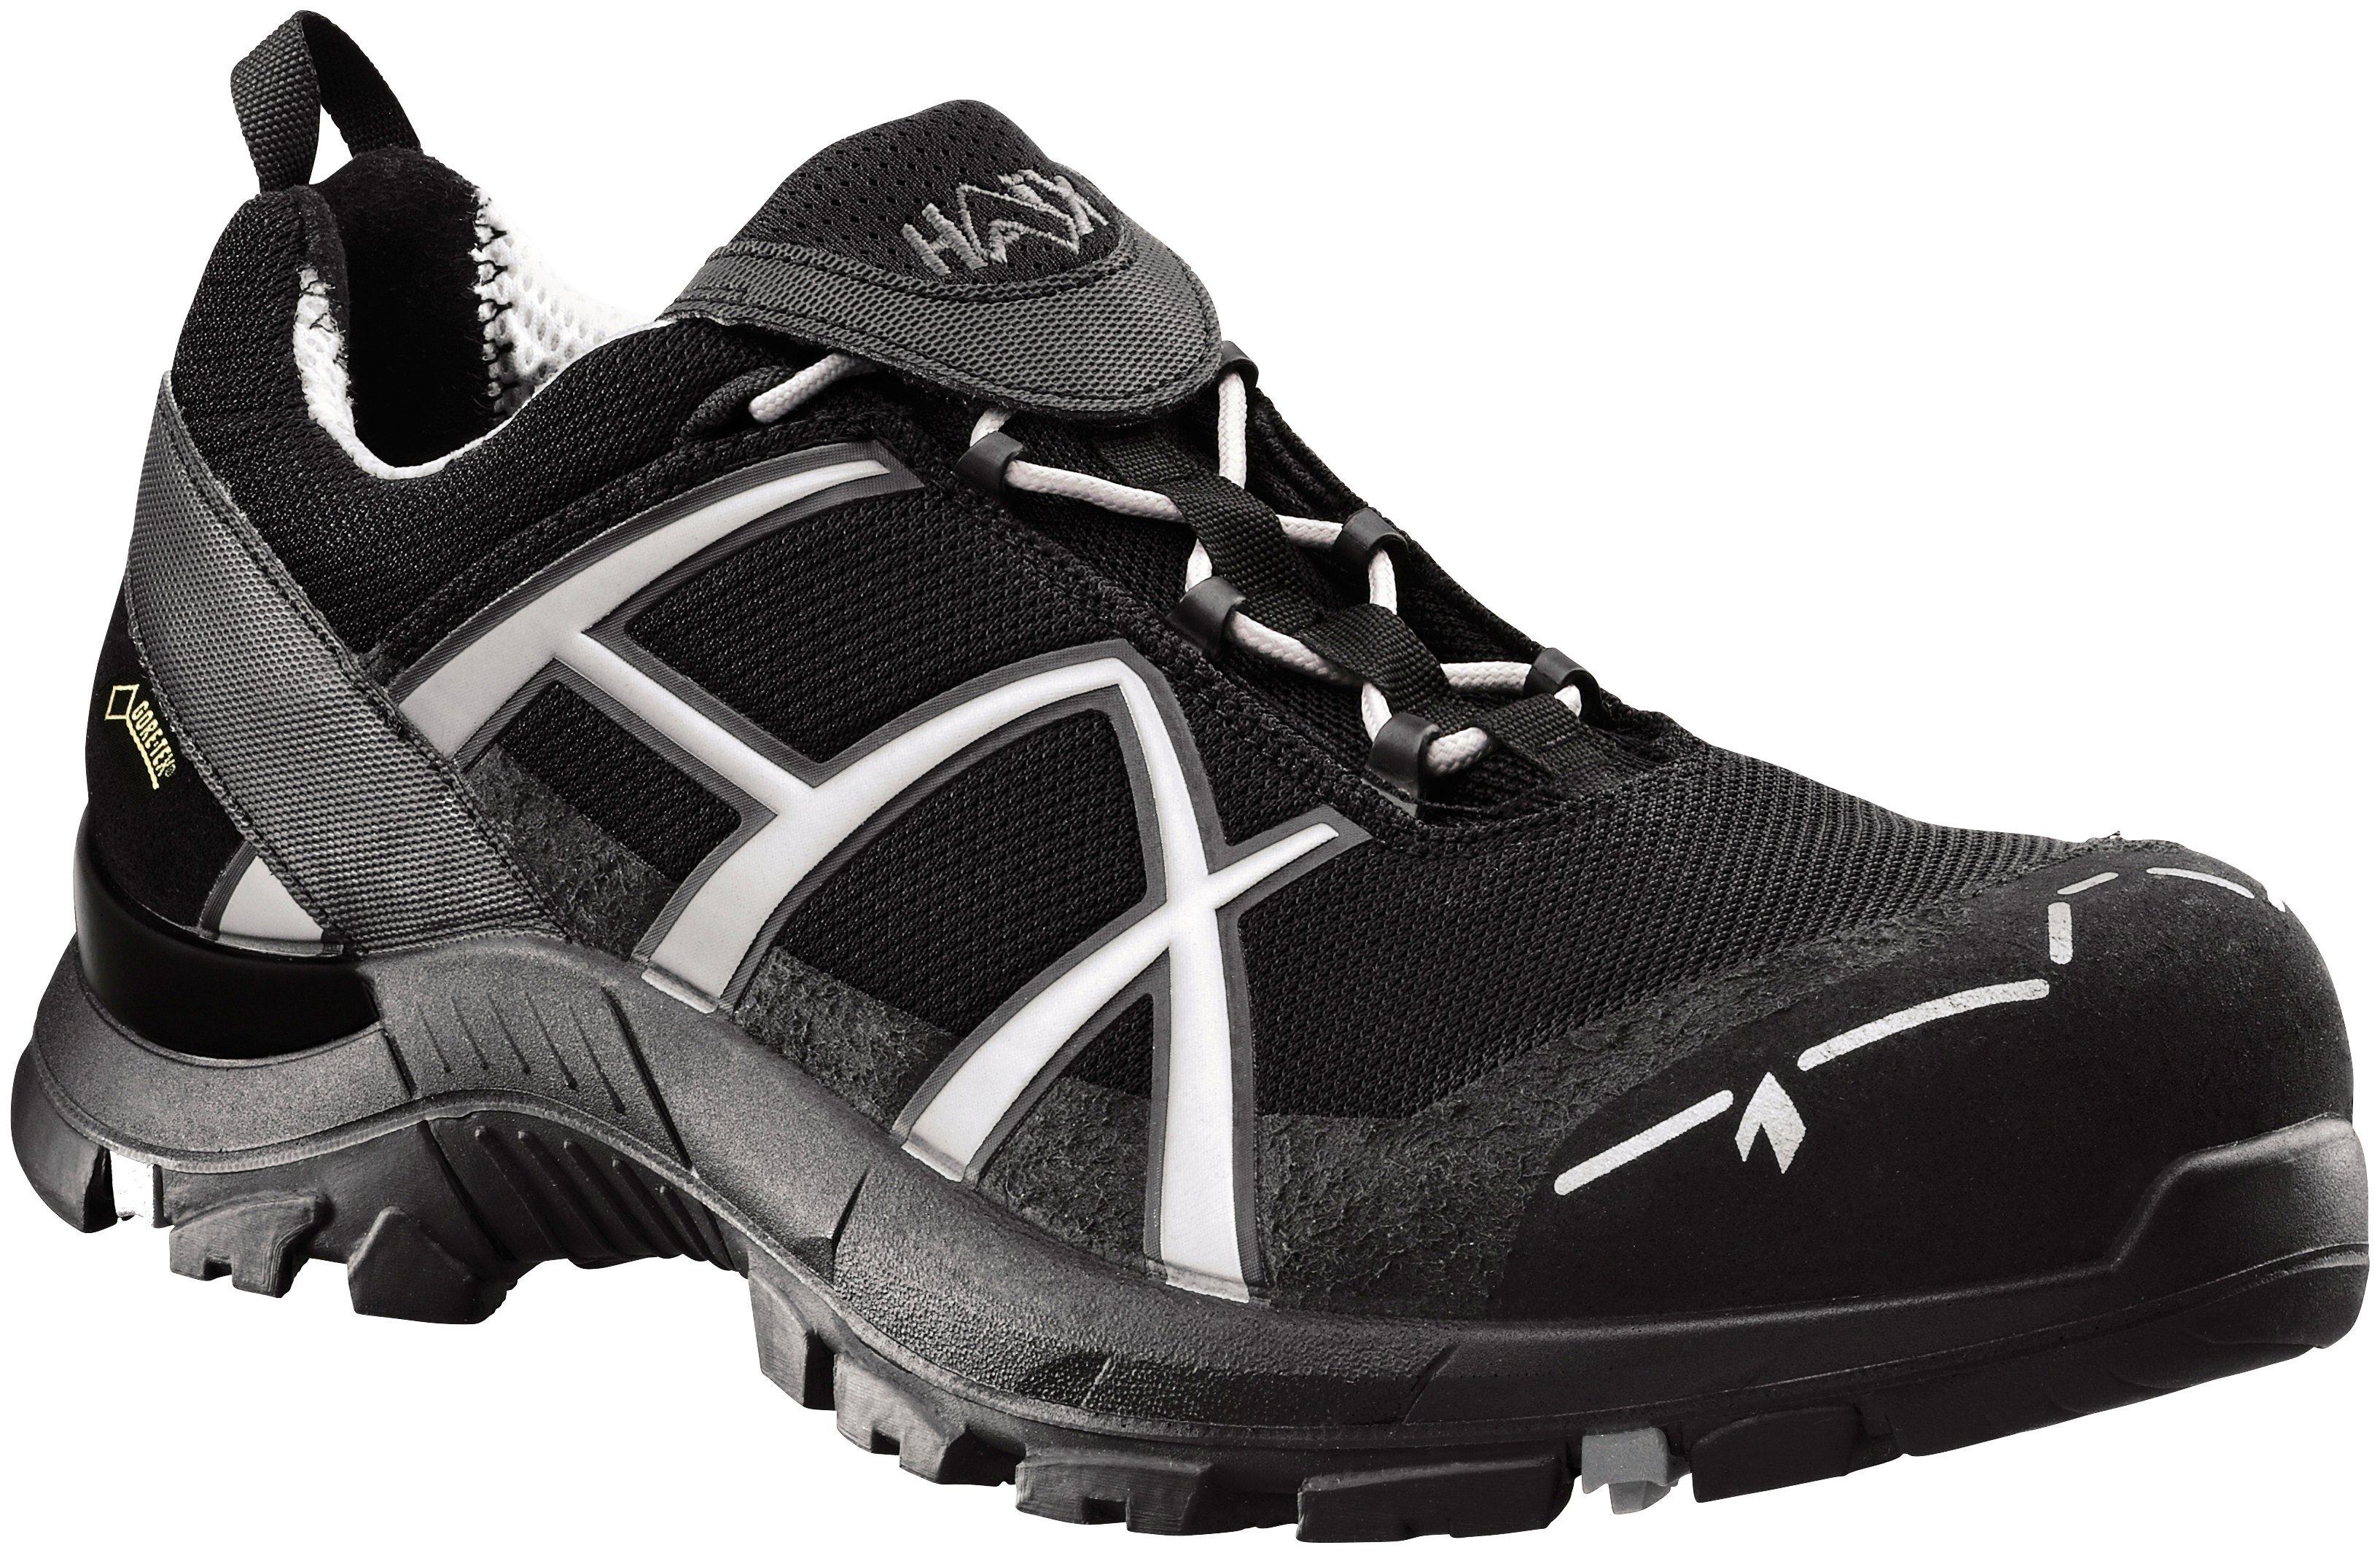 Unisex Haix Sportarbeitsschuh »Black Eagle Safety 41 low« schwarz   04044465250675